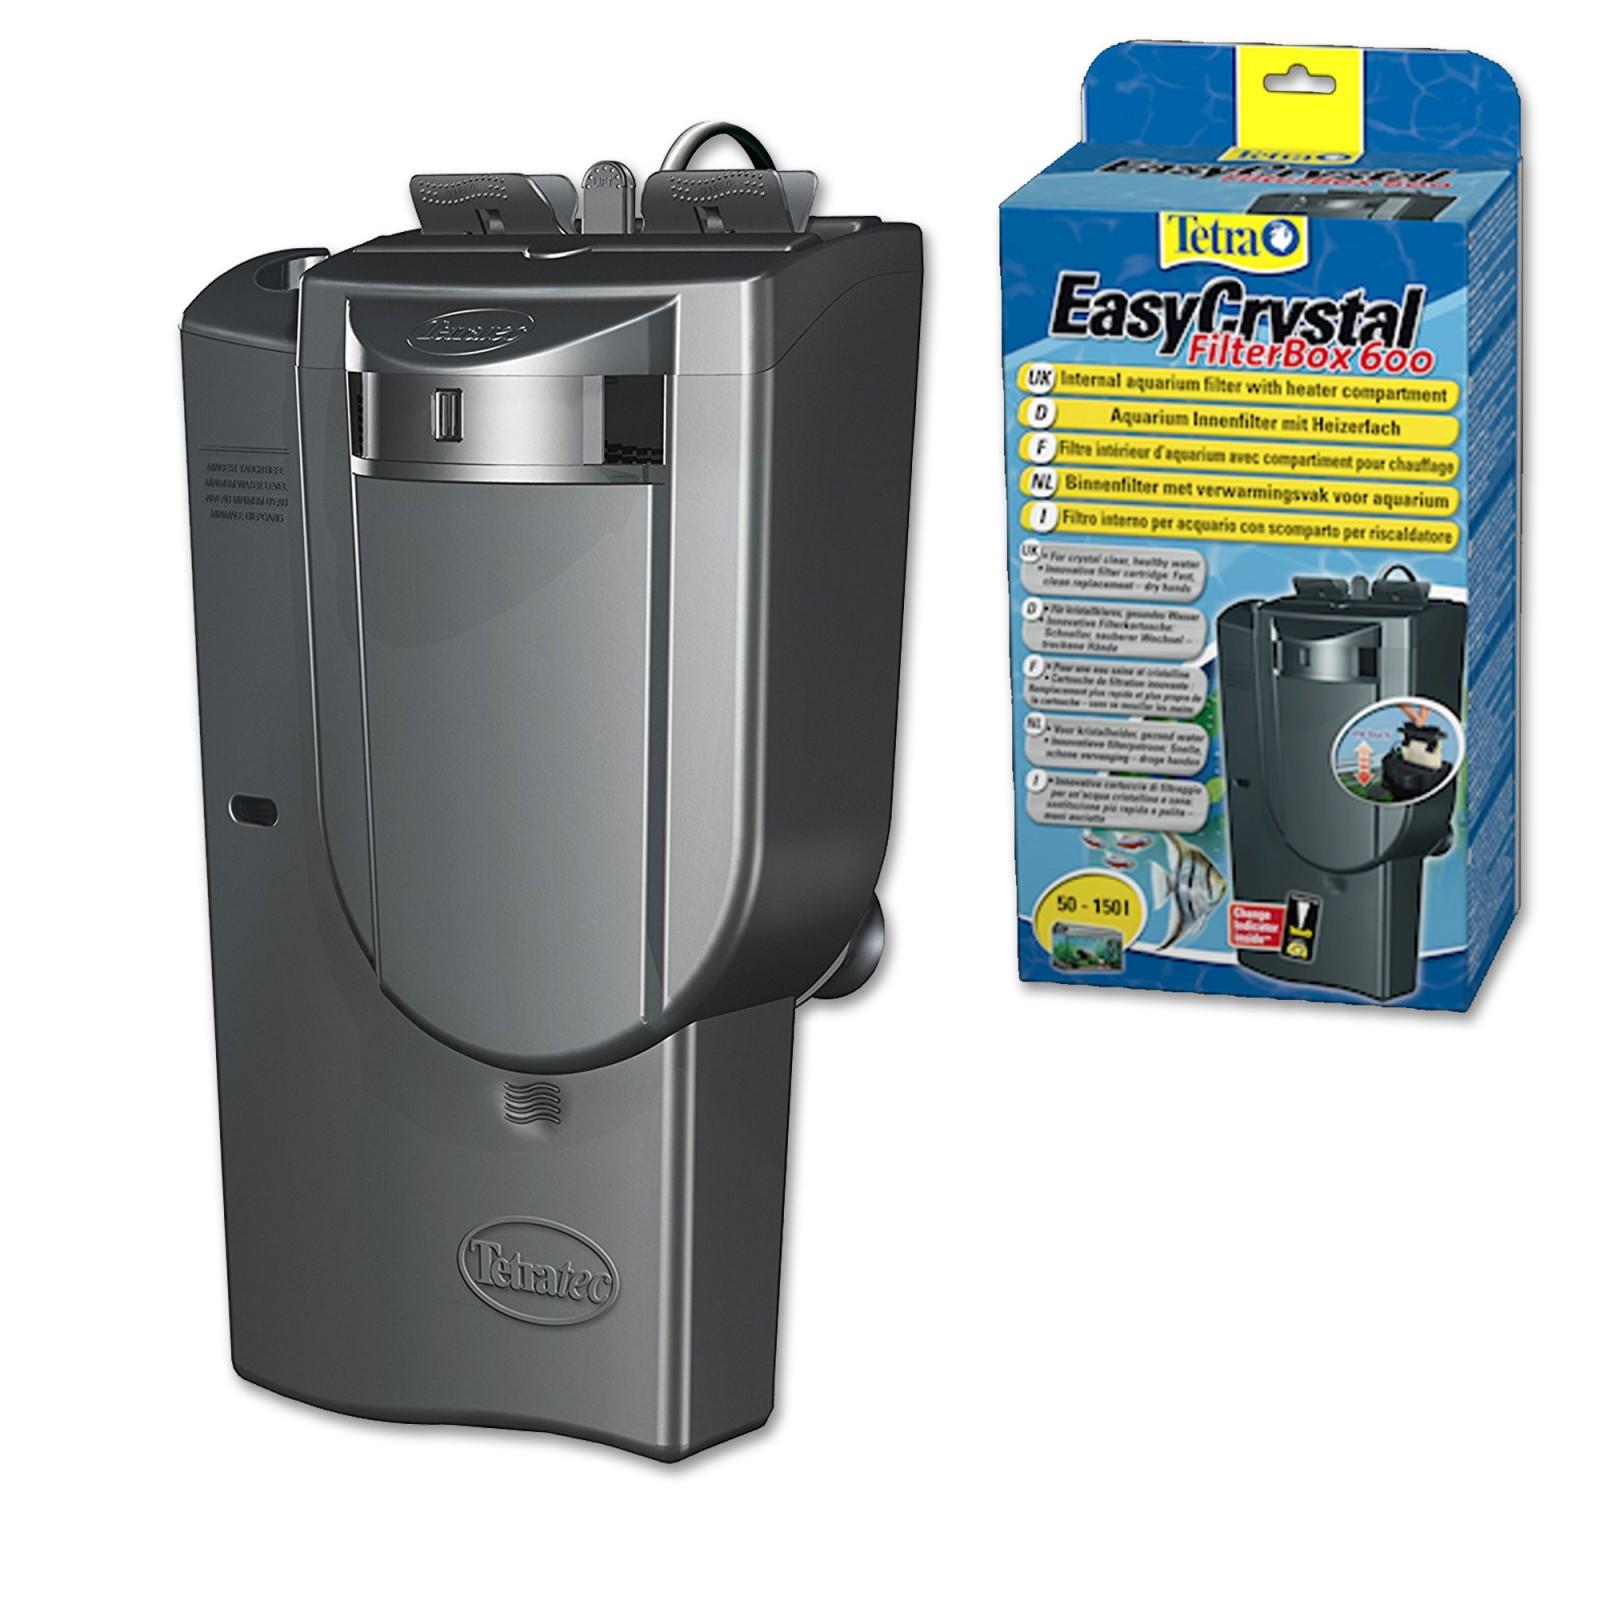 Tetra Filtro EasyCrystal 600 filtro interno per acquari fino a 150 litri con scomparto per il riscaldatore